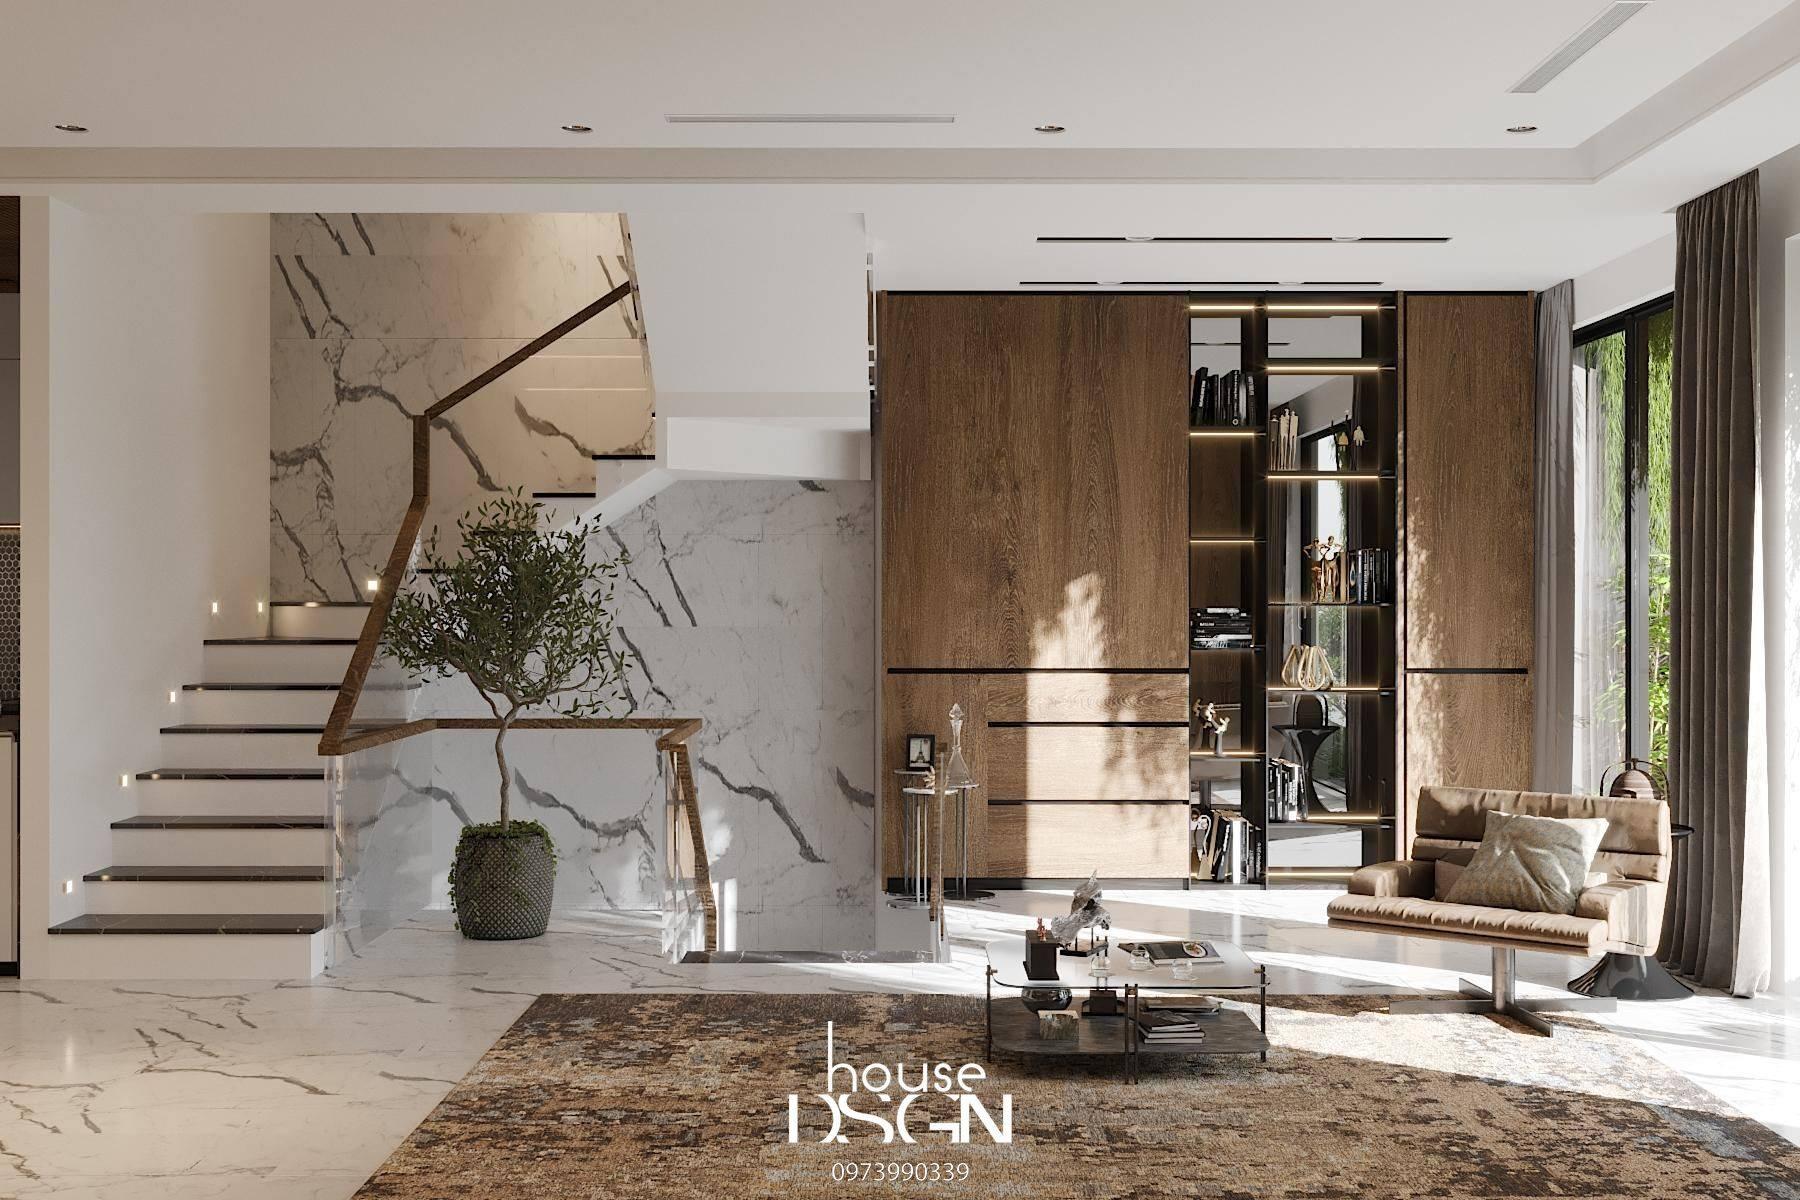 mẫu phòng khách đẹp có cầu thang - Housedesign